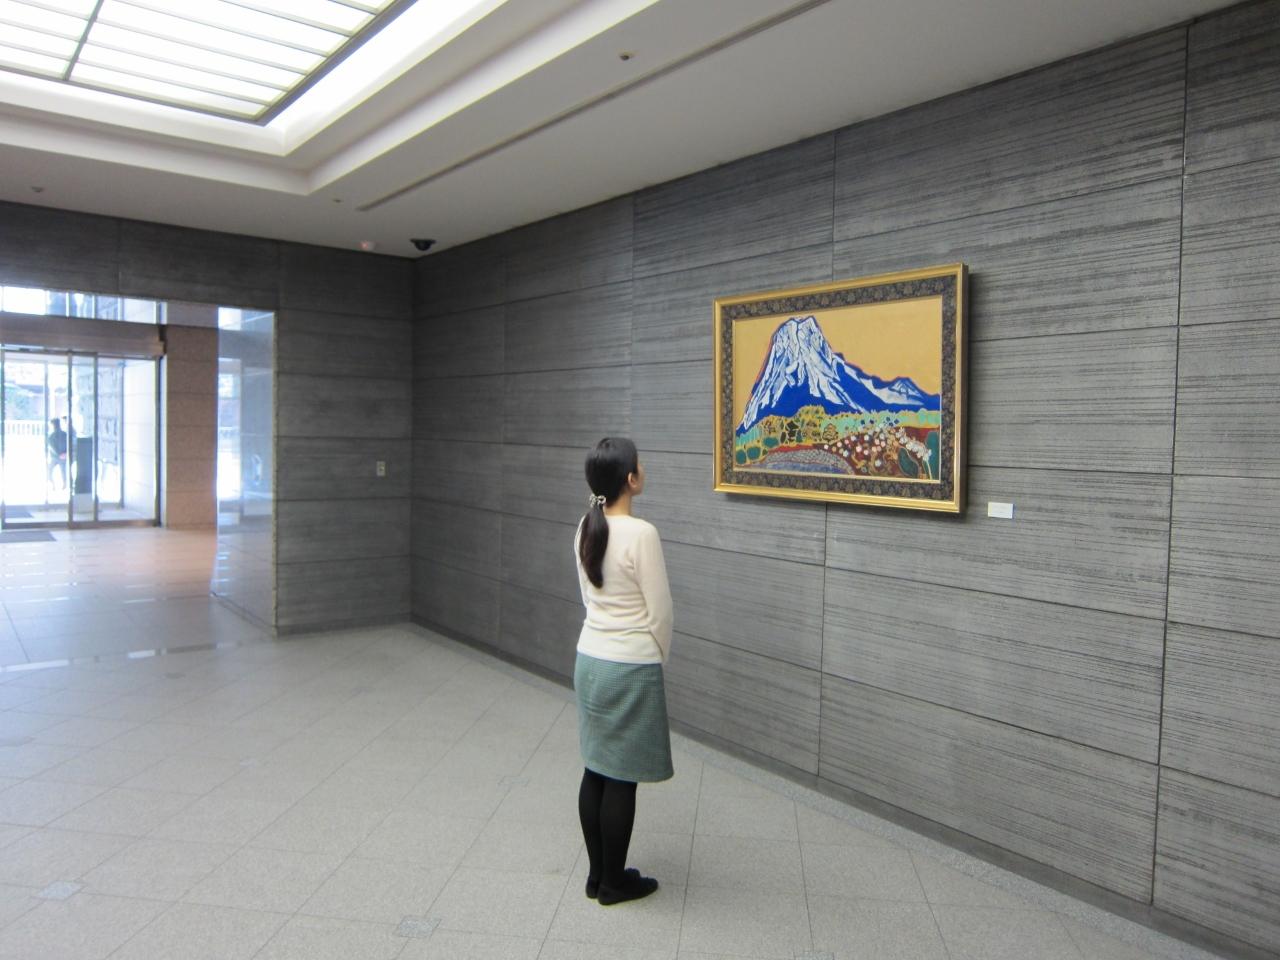 片岡球子 東京美術倶楽部ロビー展示風景